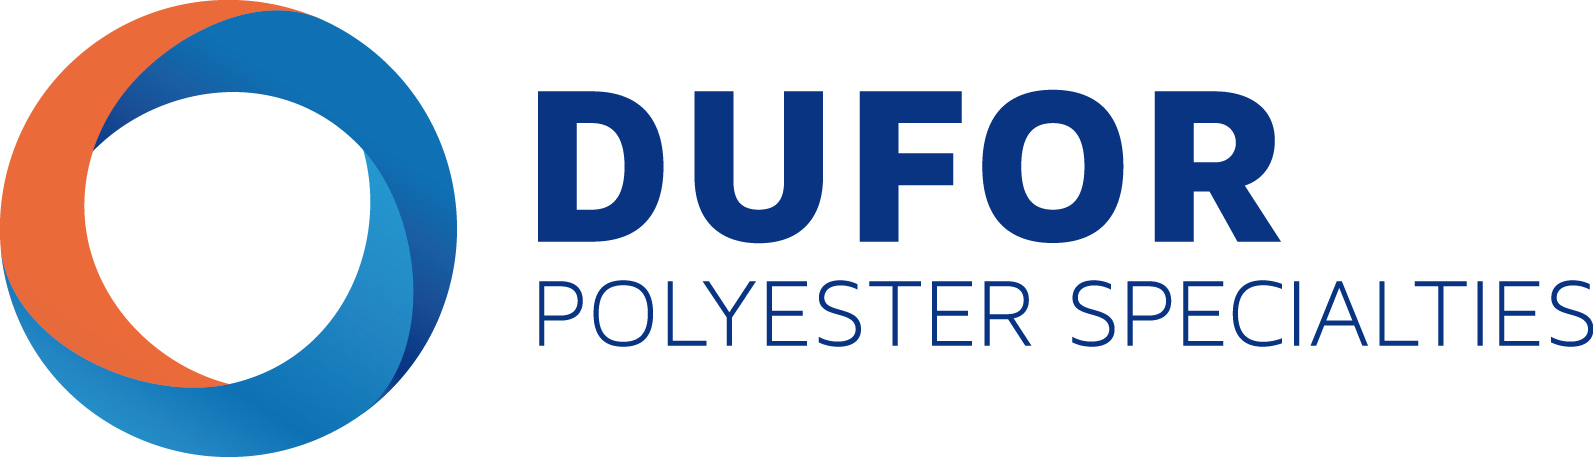 DuFor